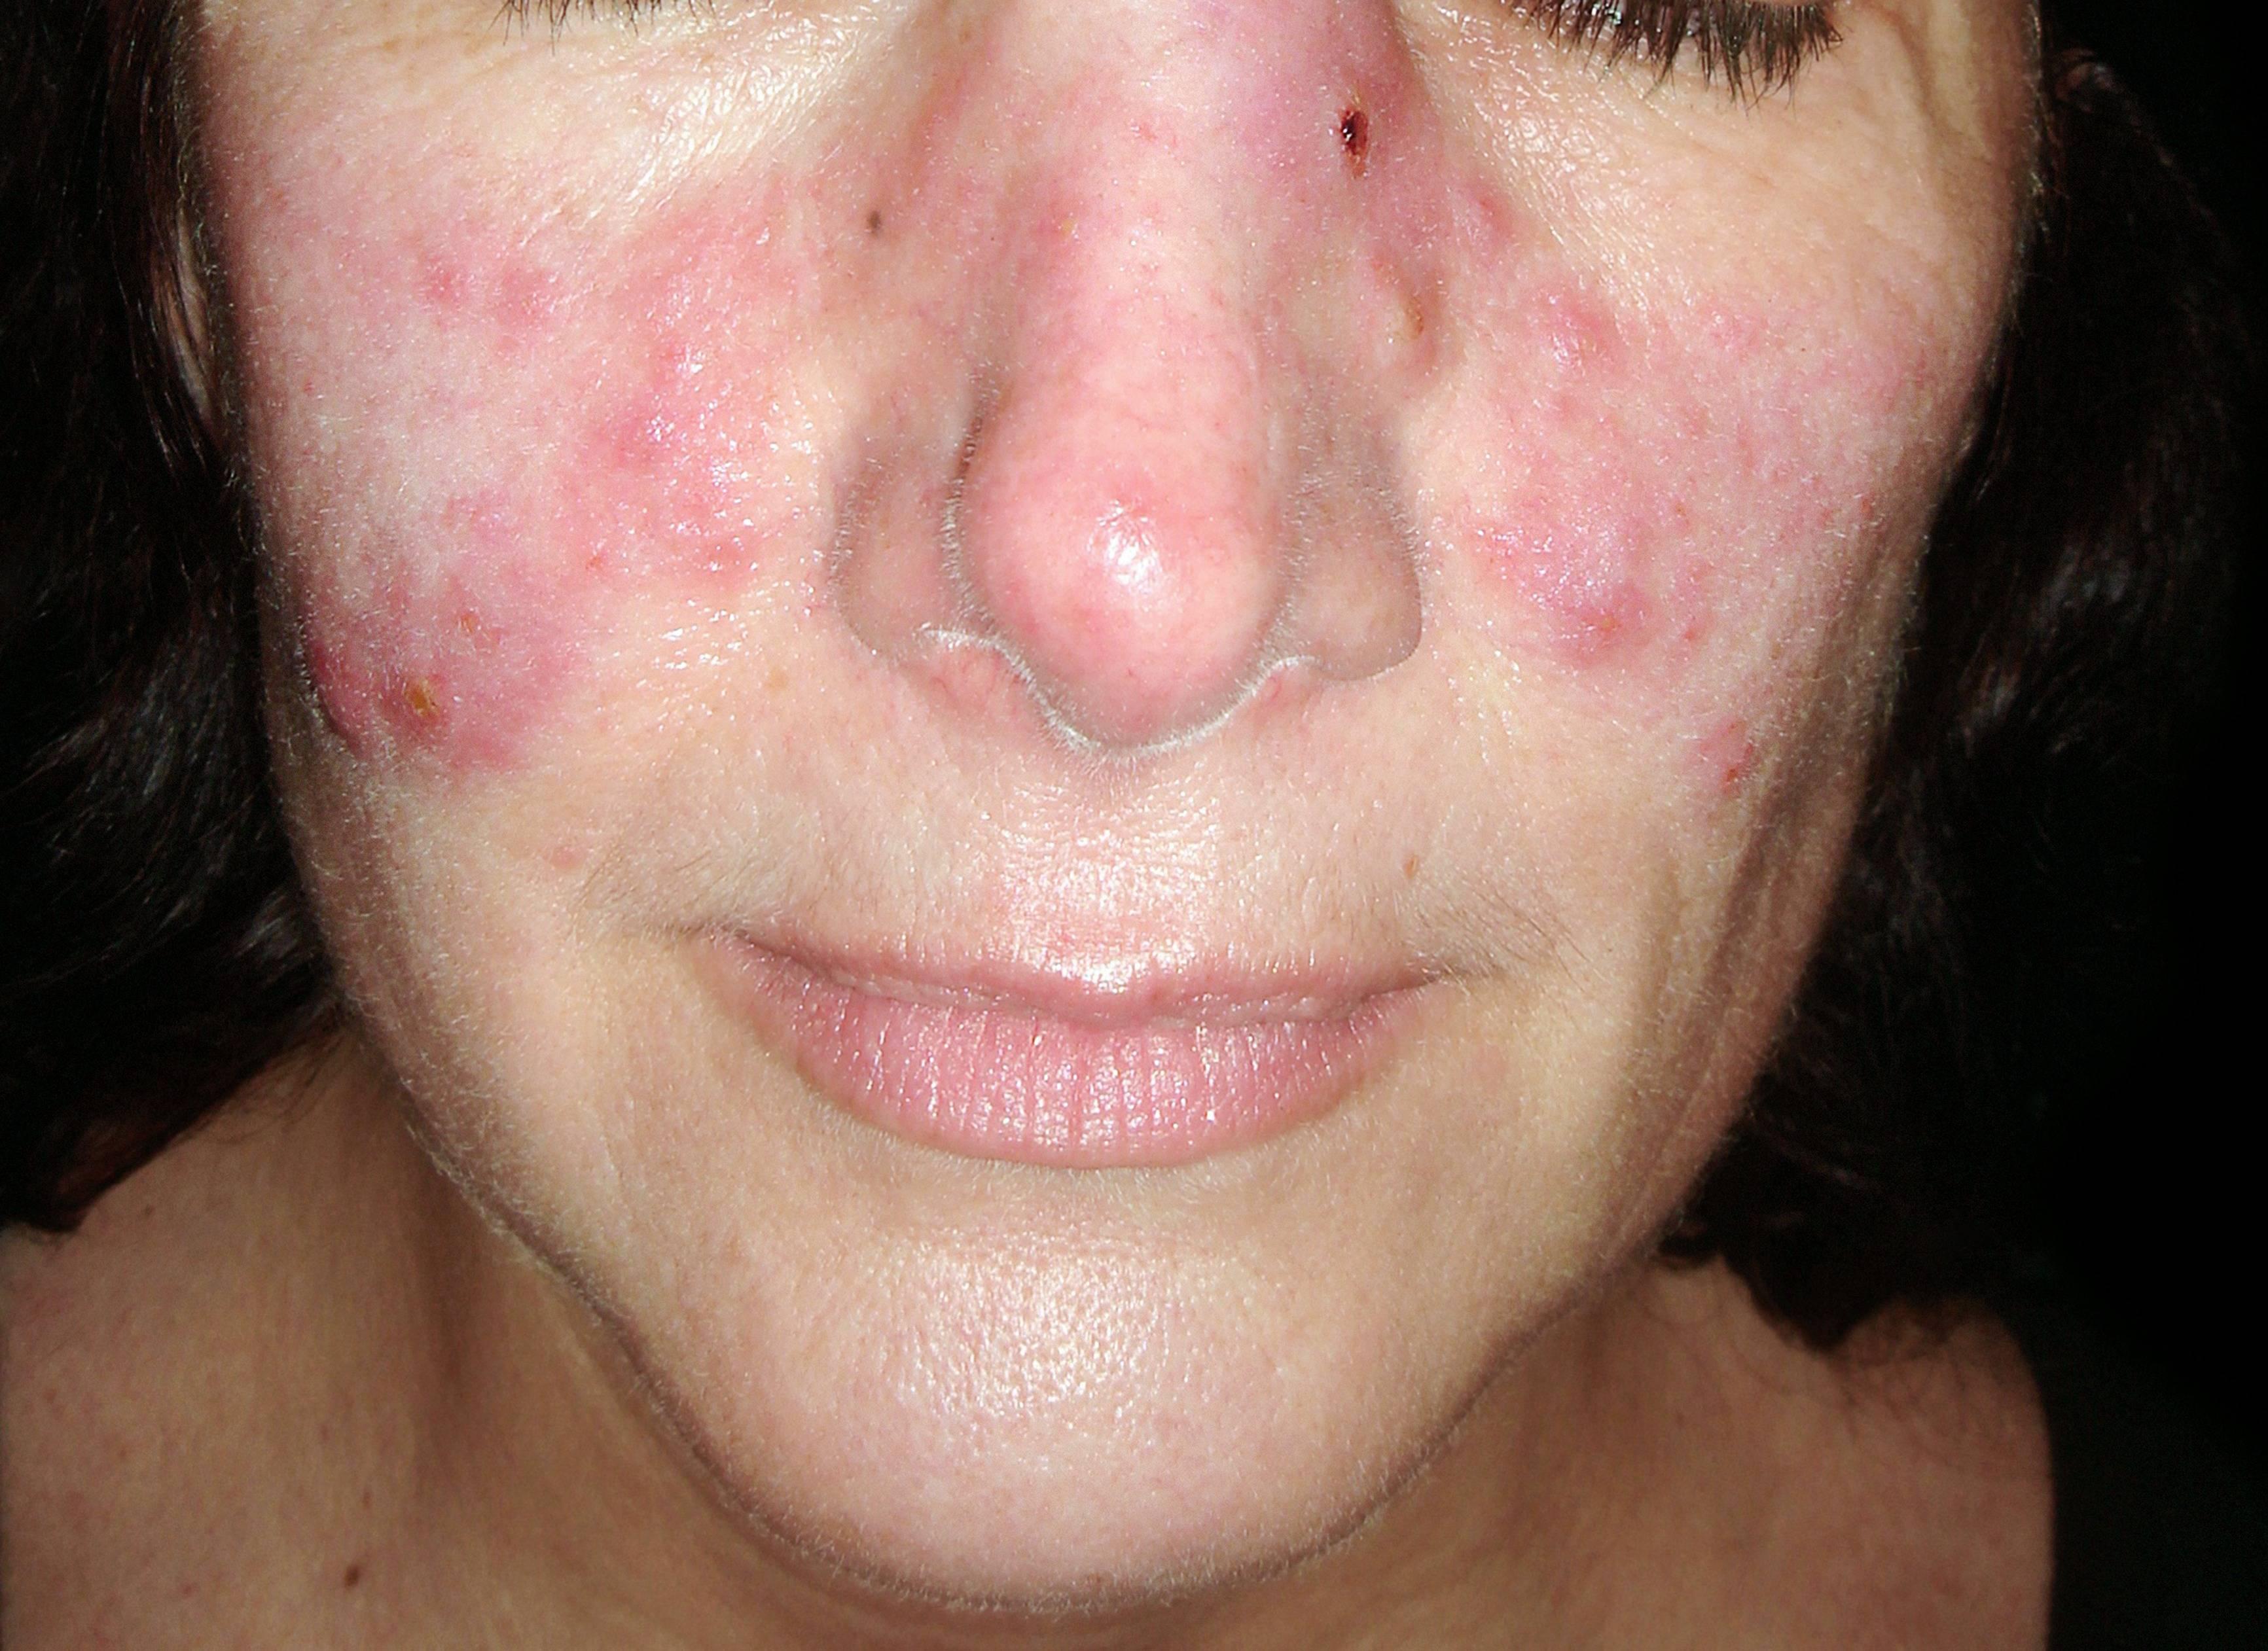 pikkelysömör kezelése népi gyógymódokkal kátránnyal ha vörös foltok jelennek meg a bőrön piros pontok formájában